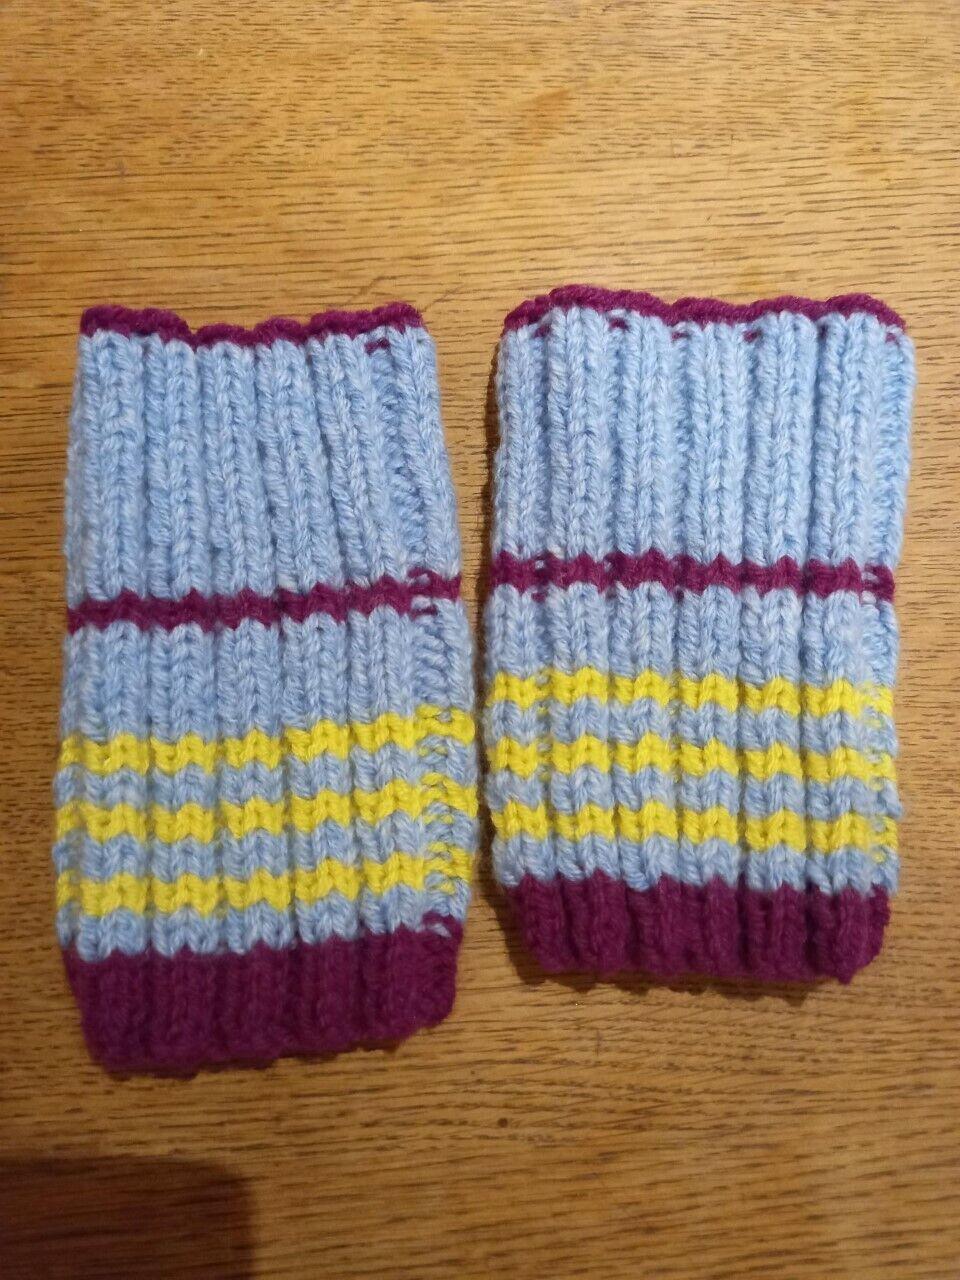 Aston Villa wrist warmers by Granny B